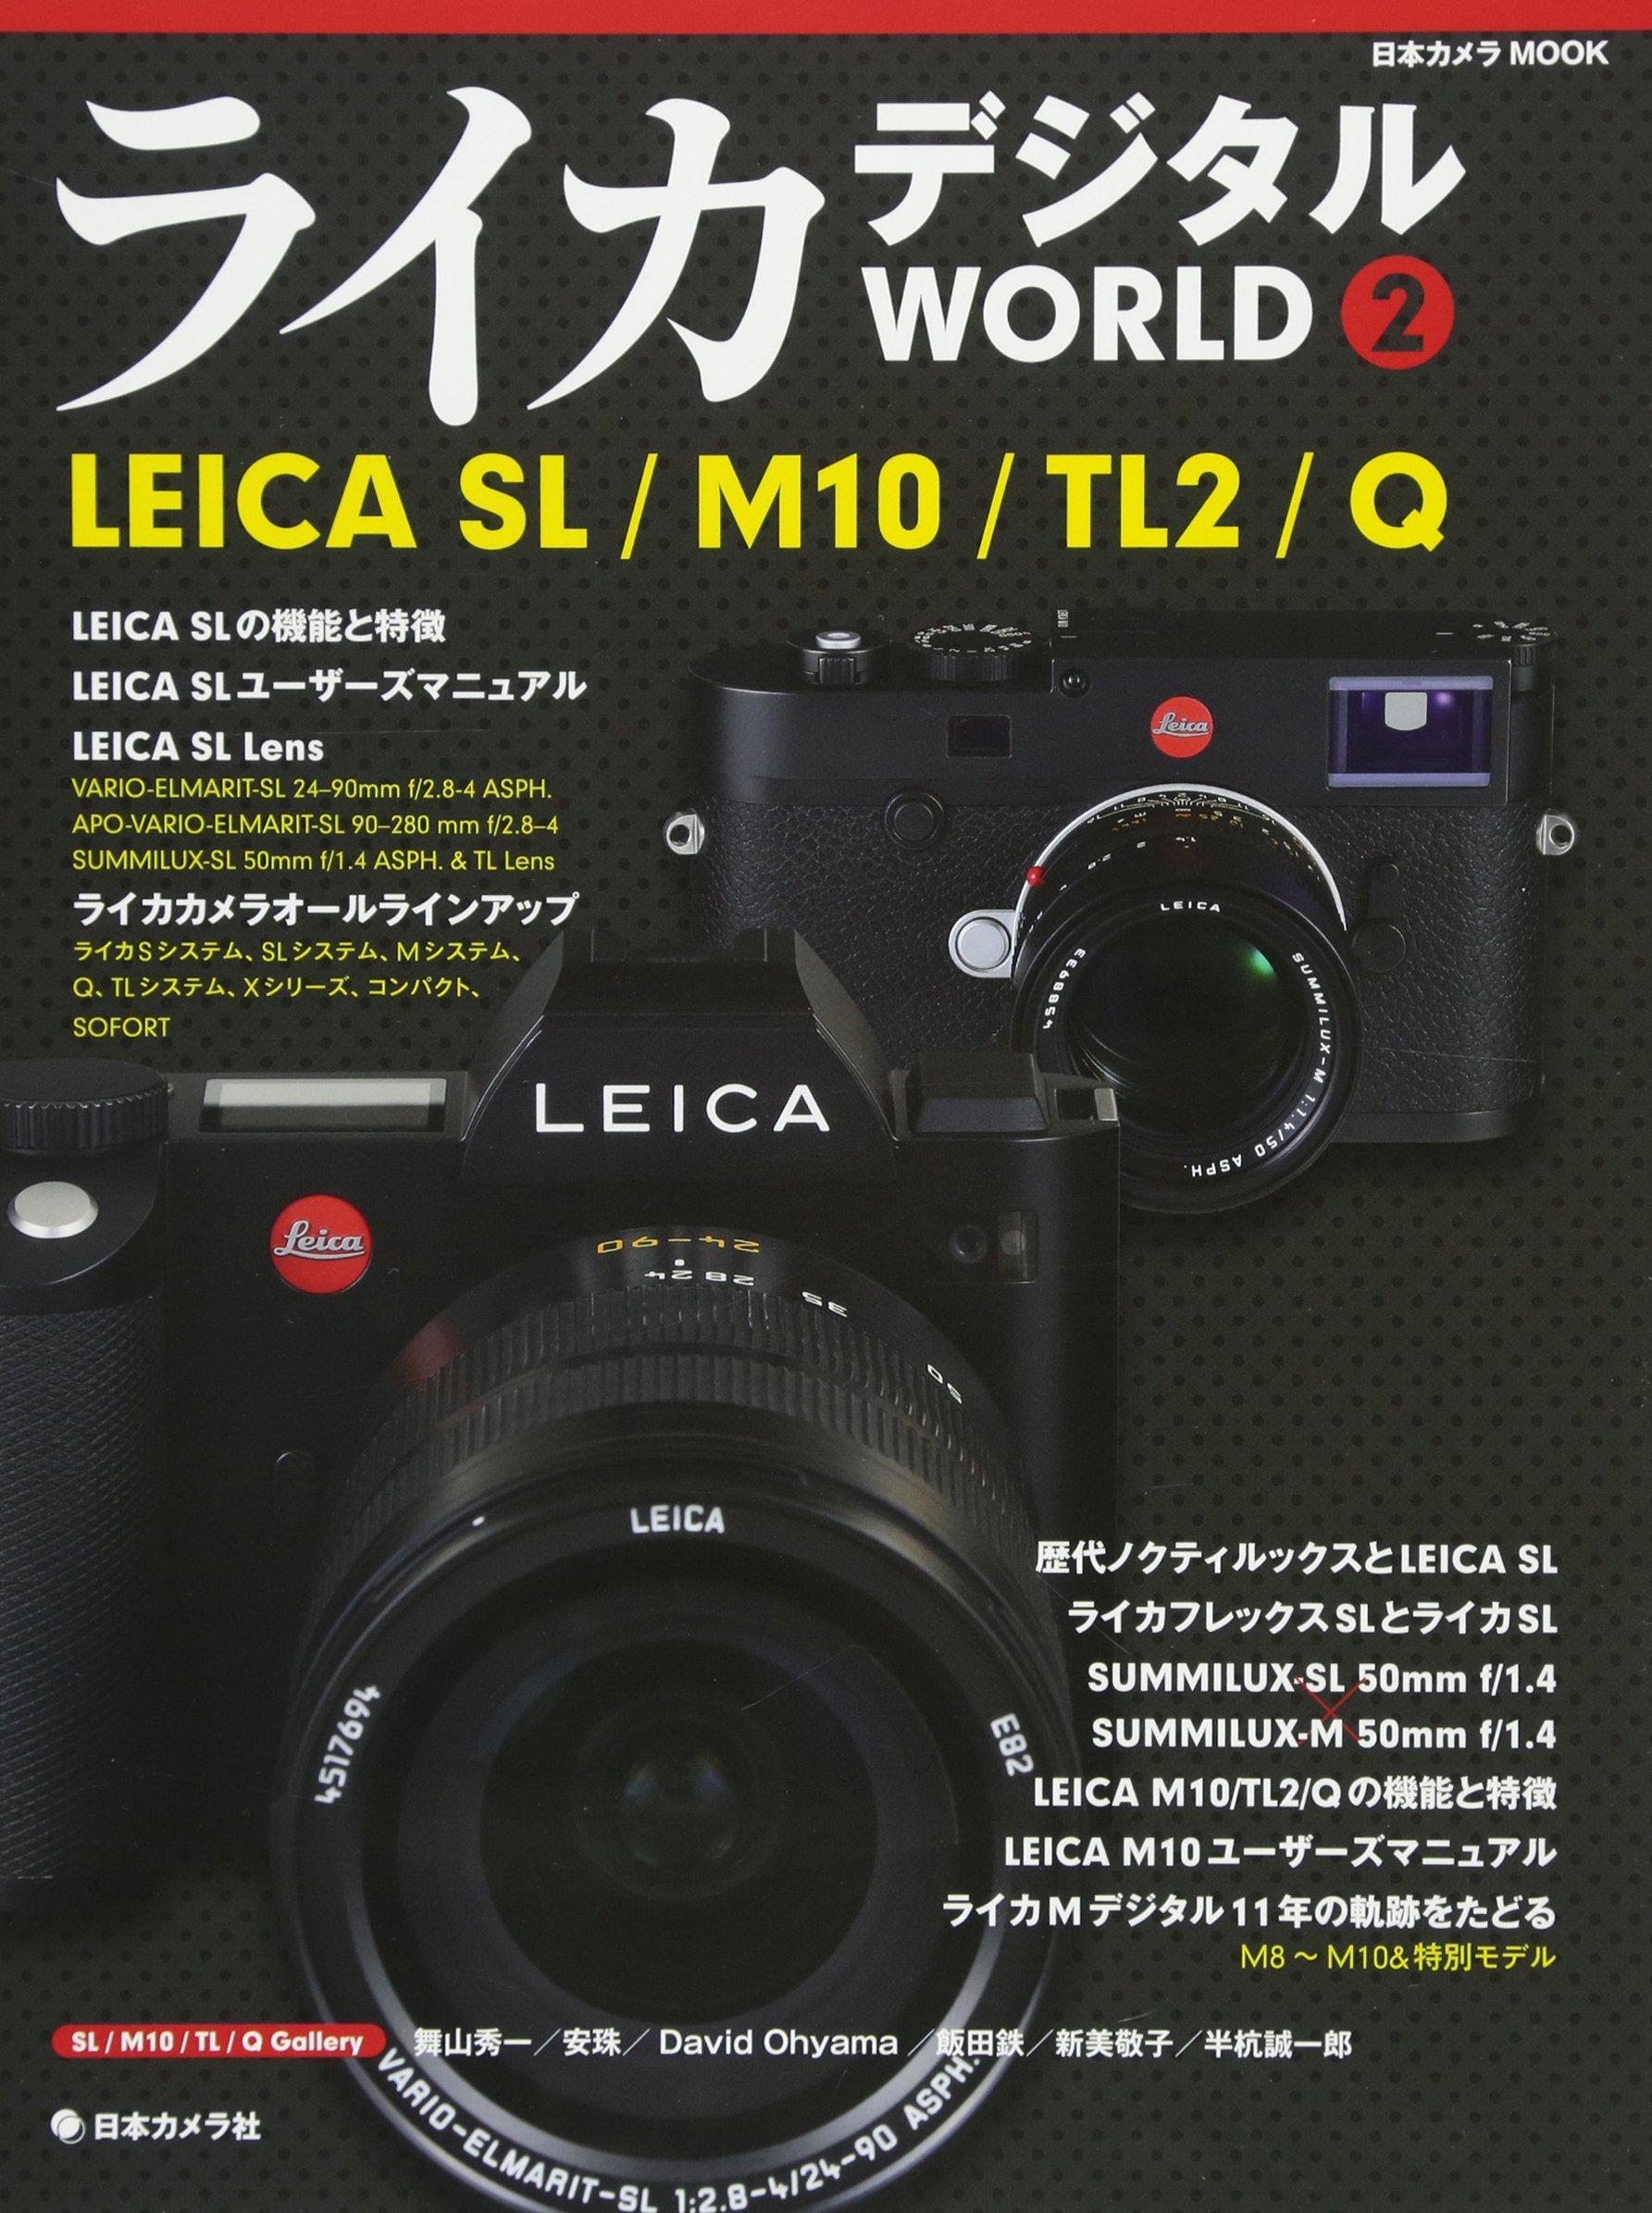 「ライカ デジタル WORLD 2」(日本カメラ社)